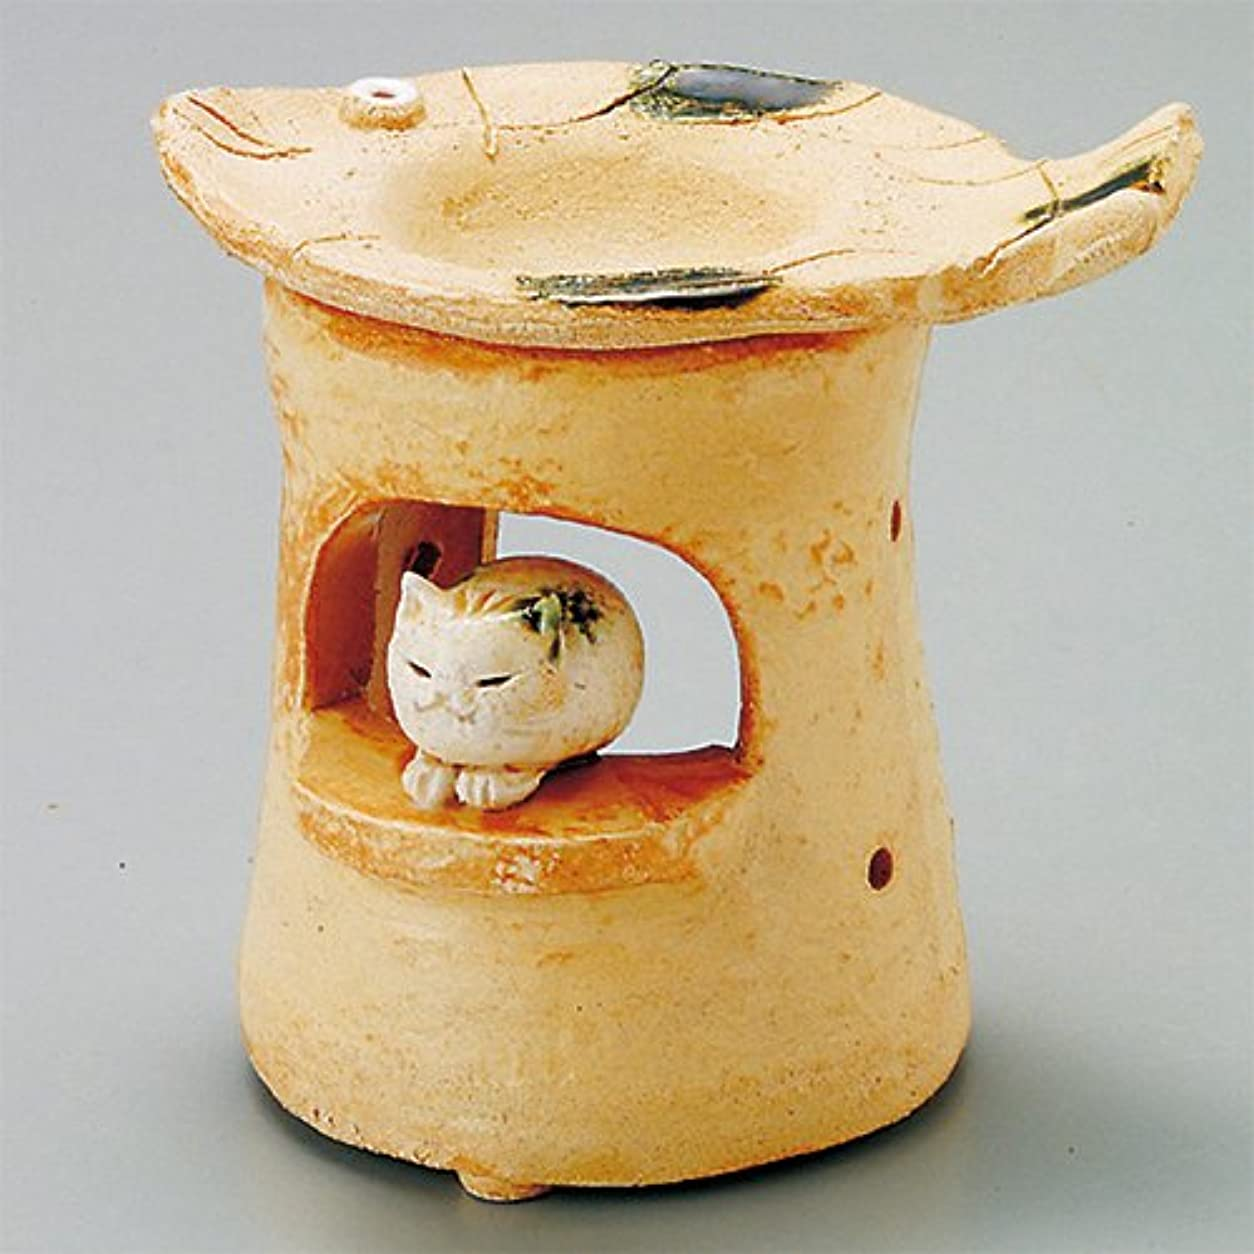 祖父母を訪問とにかく評価島ねこ 島ねこ 茶香炉 [12x8.5xH11.5cm] HANDMADE プレゼント ギフト 和食器 かわいい インテリア